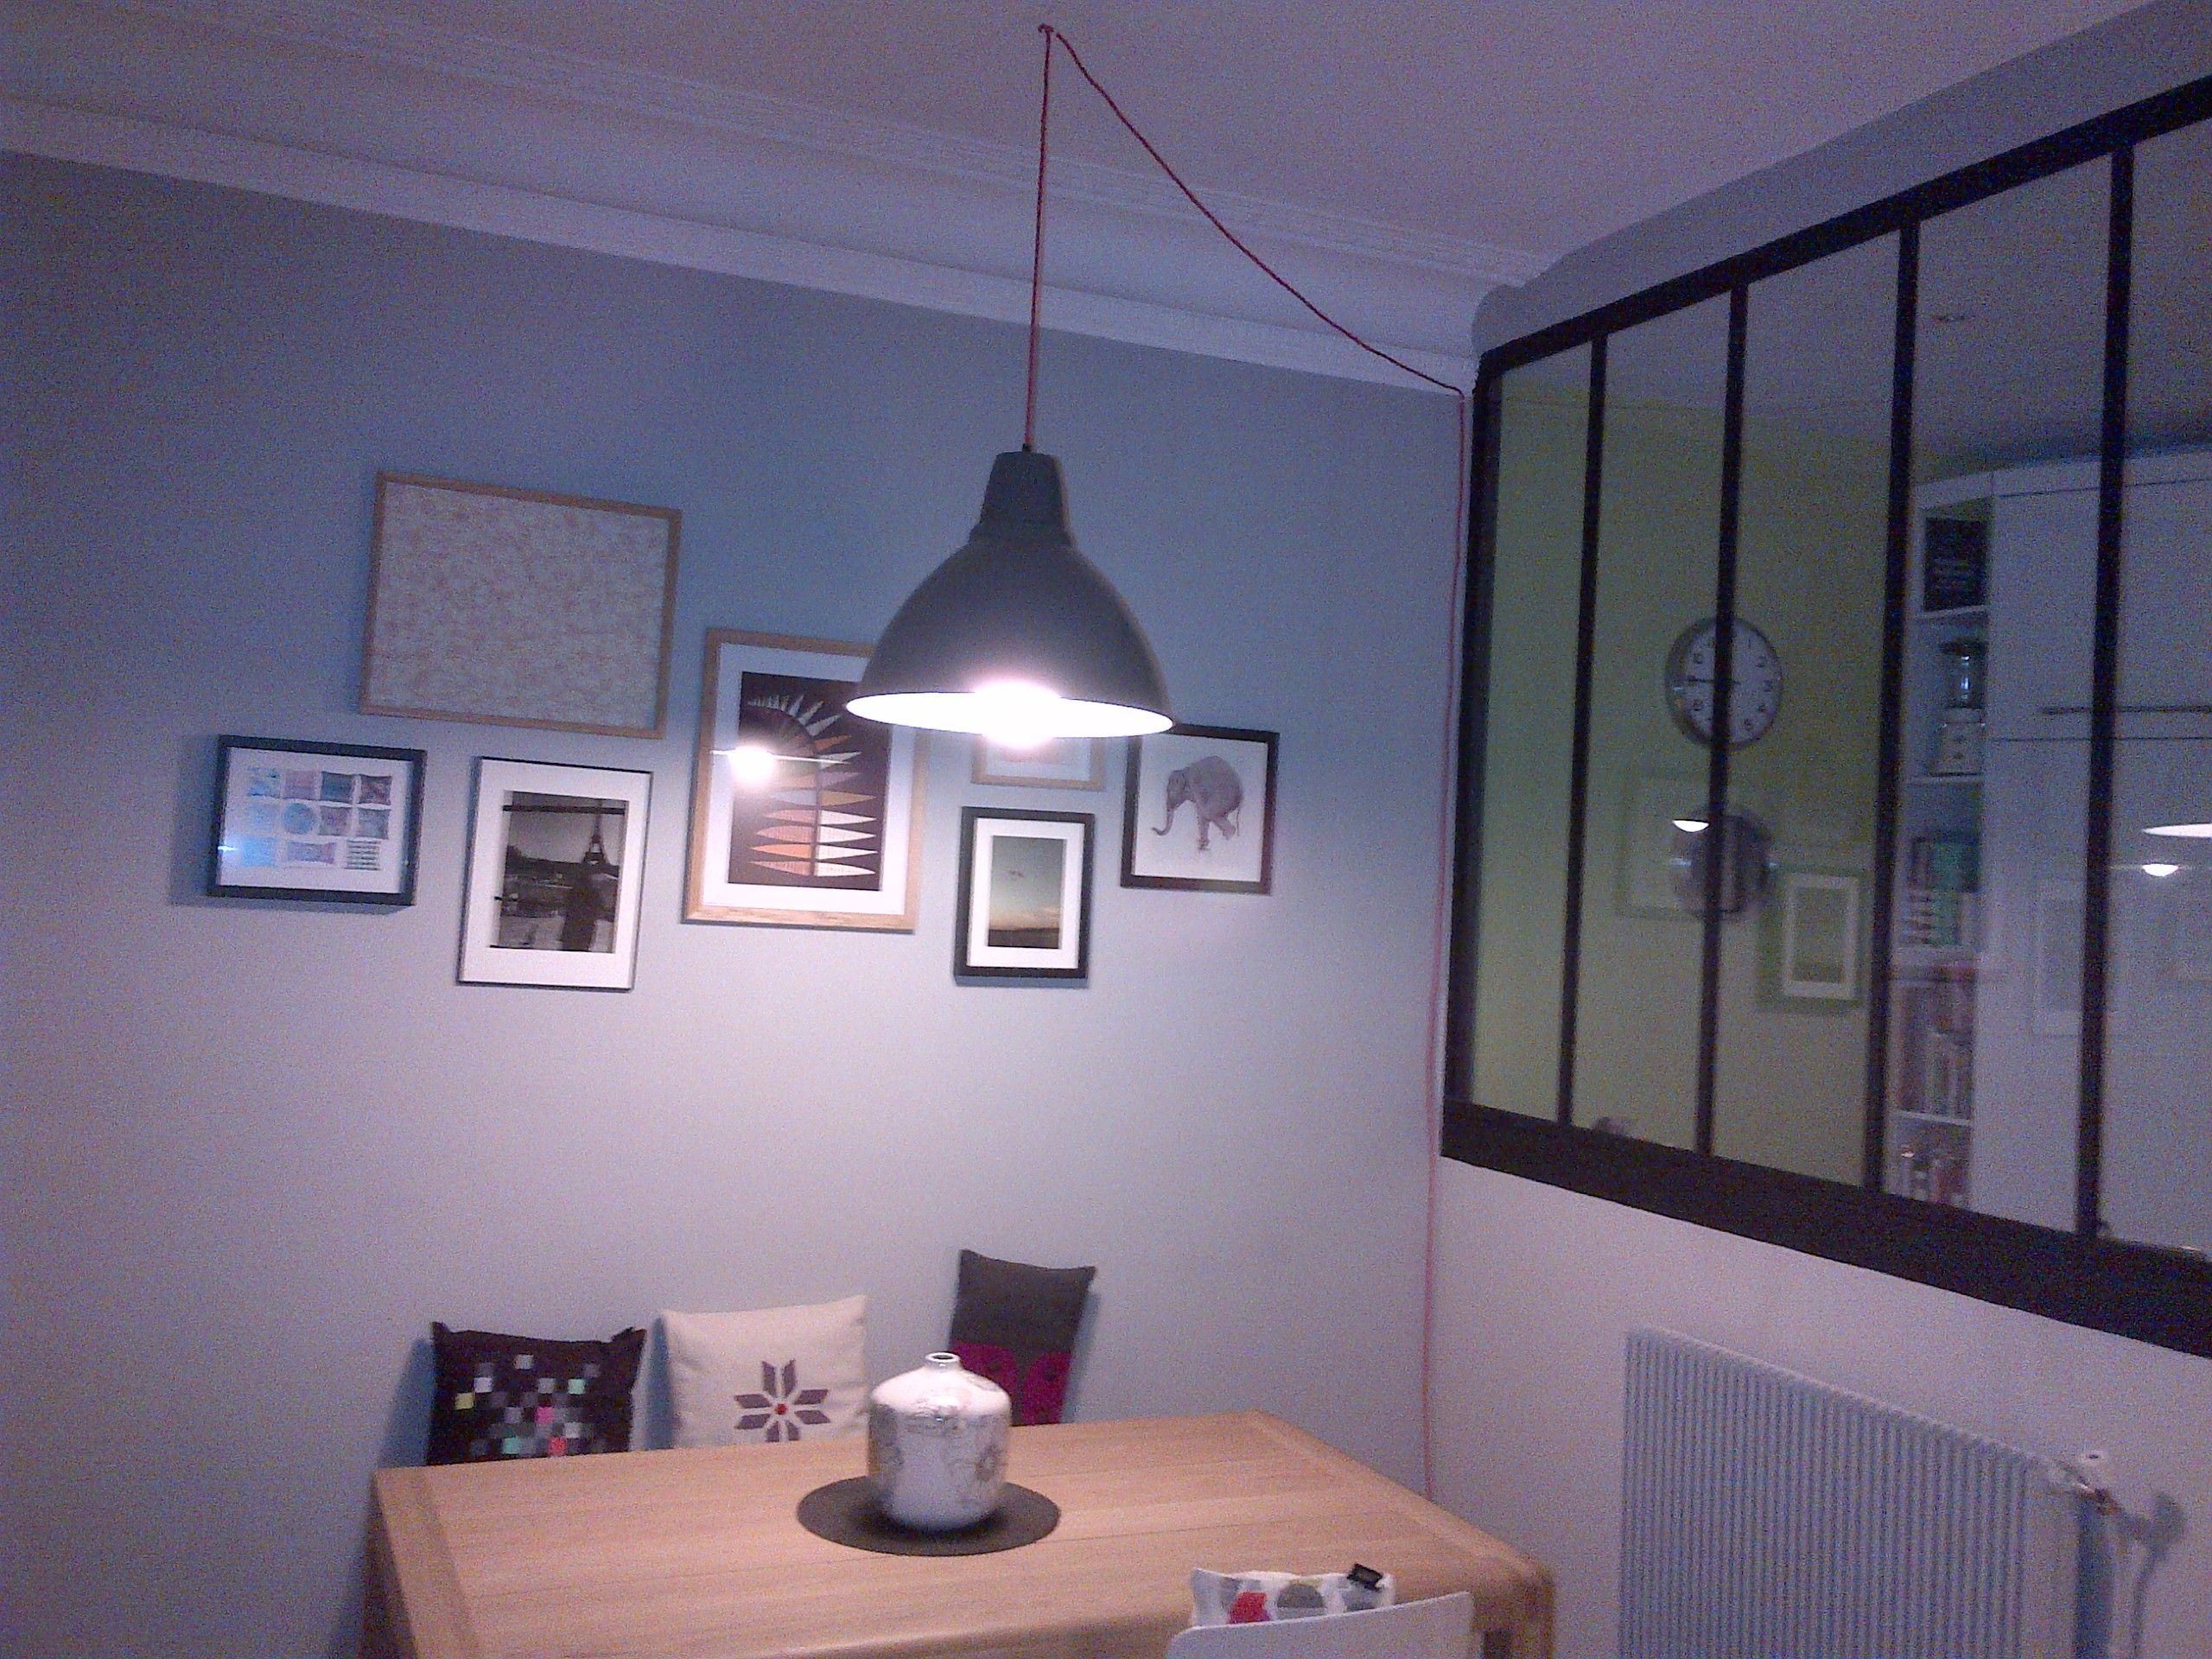 Suspension plafond sur prise électrique   Déco maison, Luminaire salon, Lumiere plafond